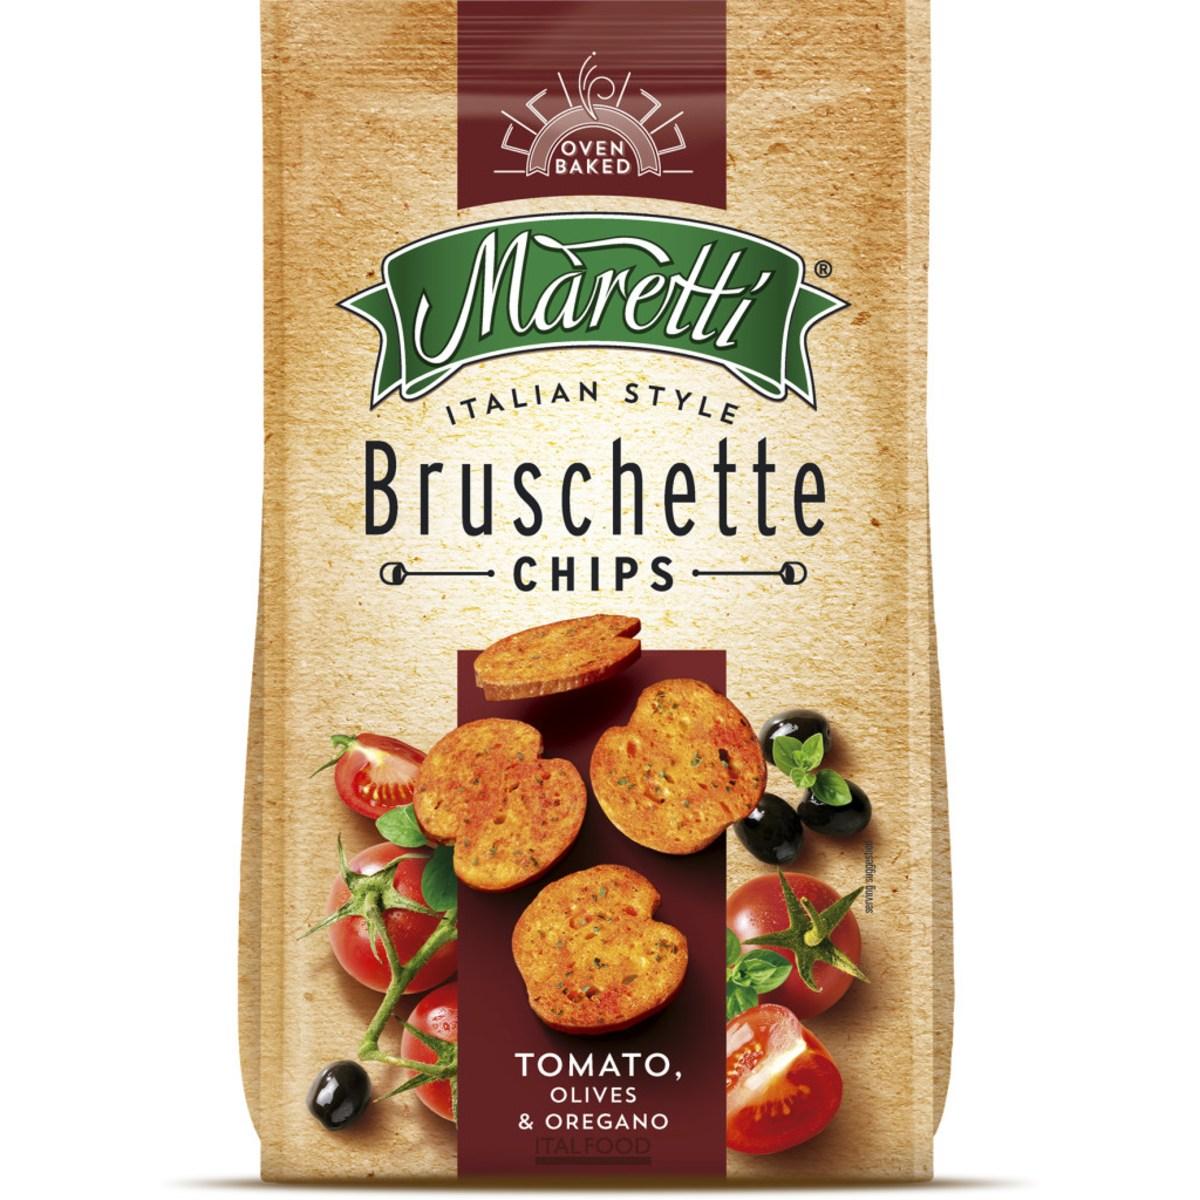 Bruschette Maretti Tomato